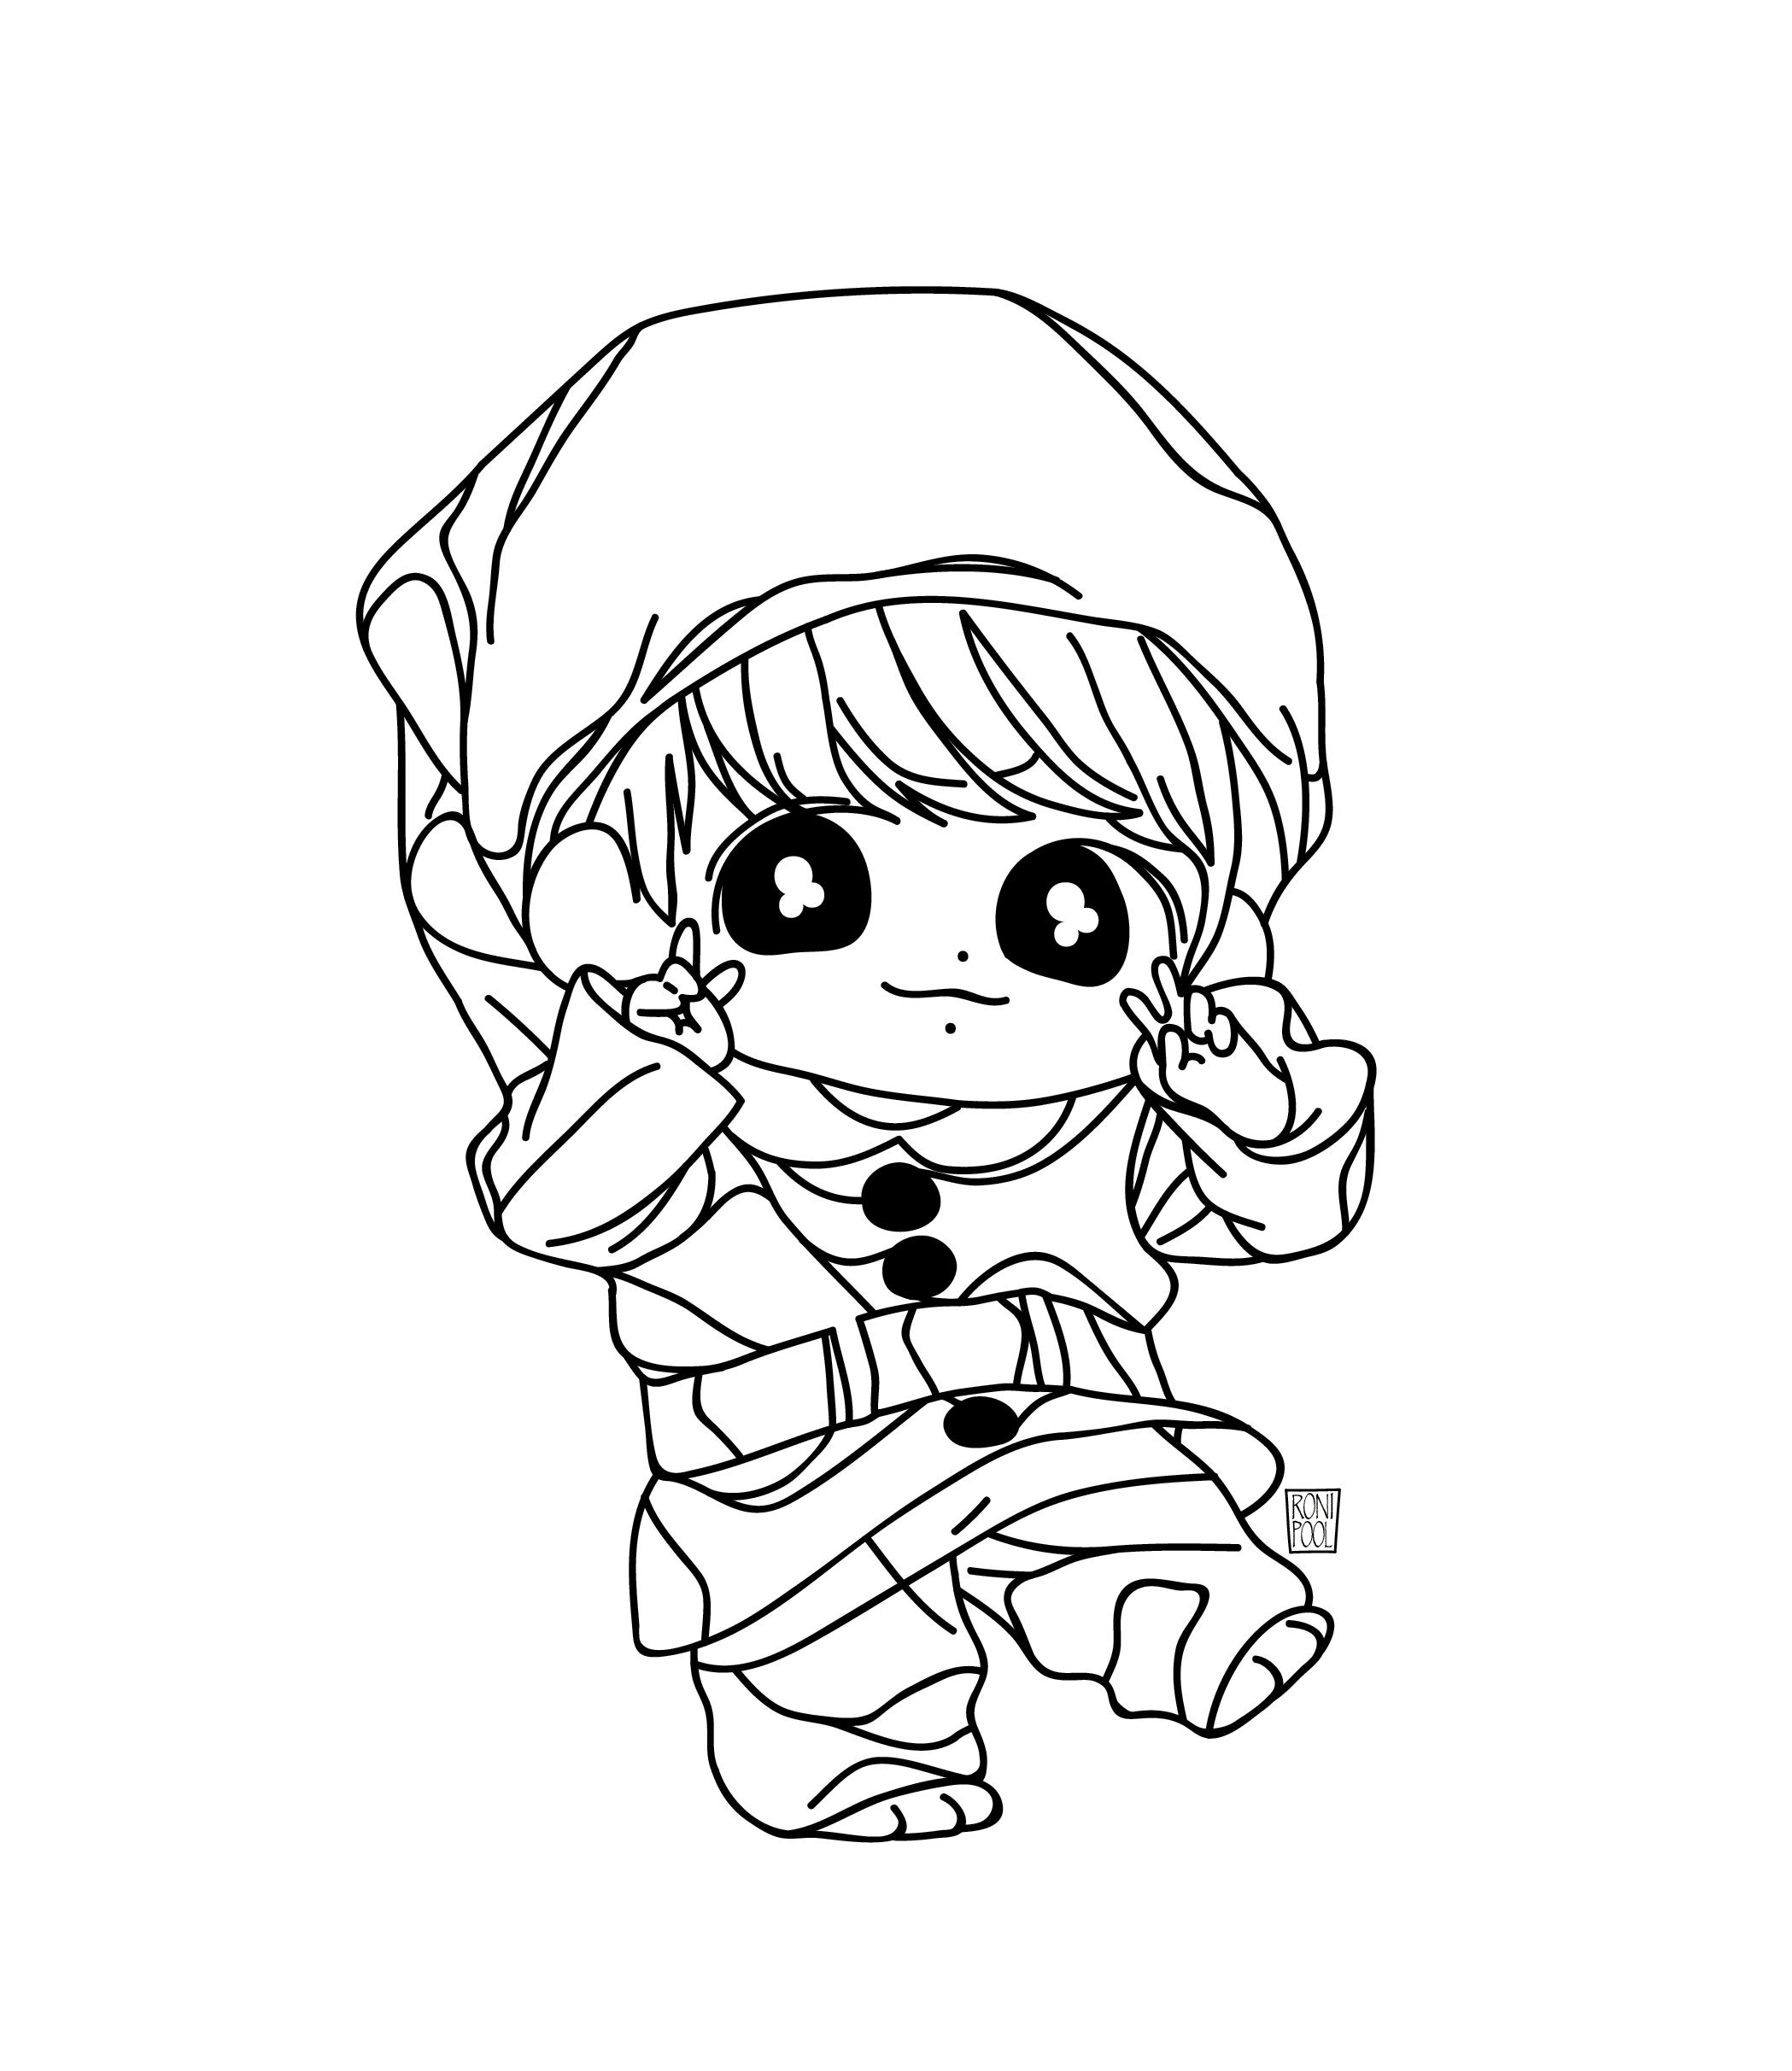 Bts Fanart Jungkook Chibi Speed Drawing Roni Pool Bts Fanart Line Art Drawings Drawings